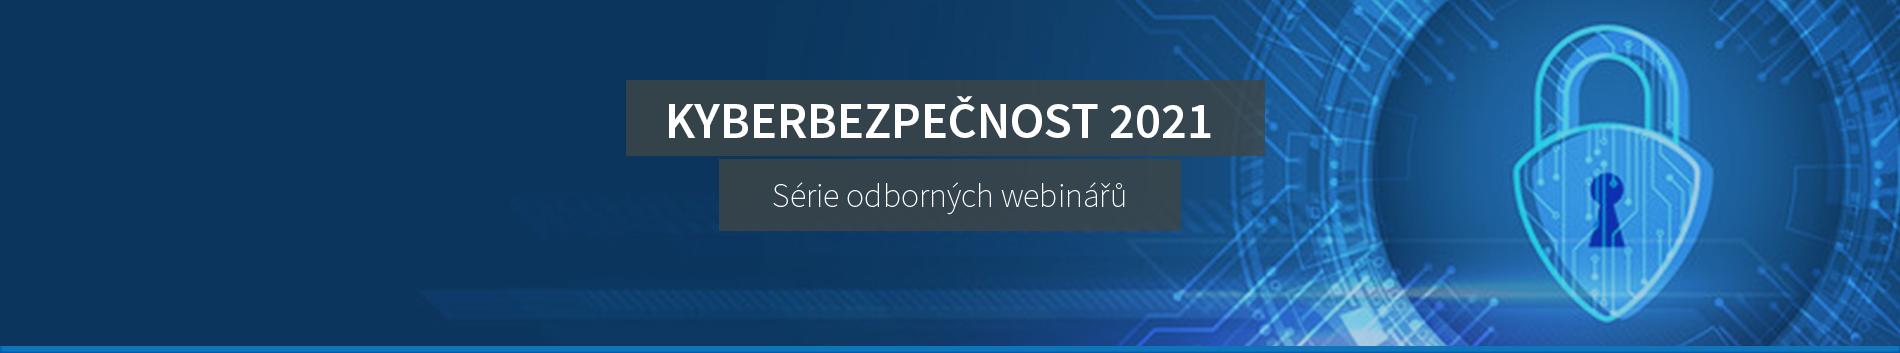 Registrace na webináře kyberbezpečnost 2021